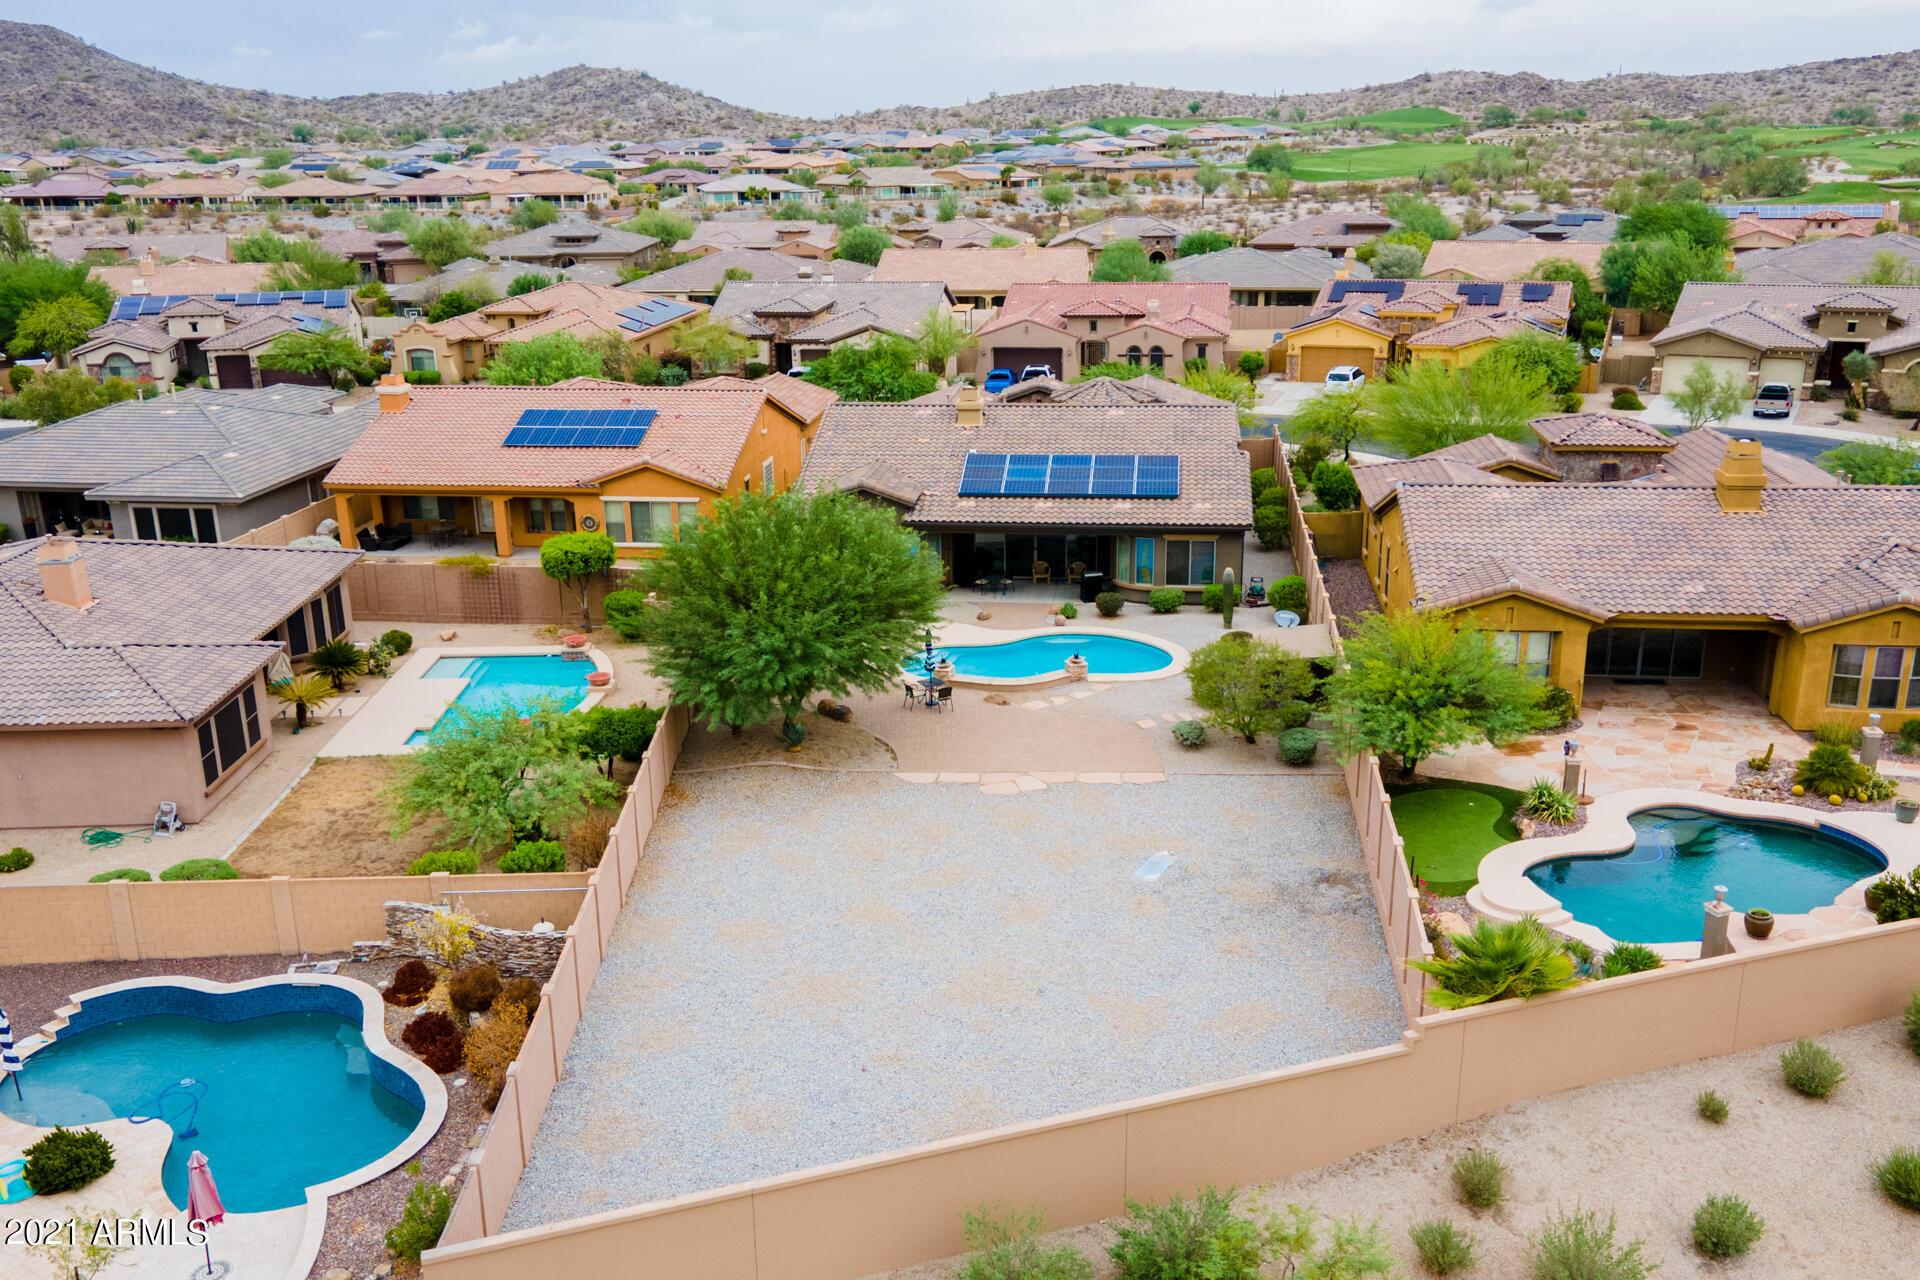 MLS 6269866 12367 S 181st Drive, Goodyear, AZ 85338 Goodyear AZ Luxury